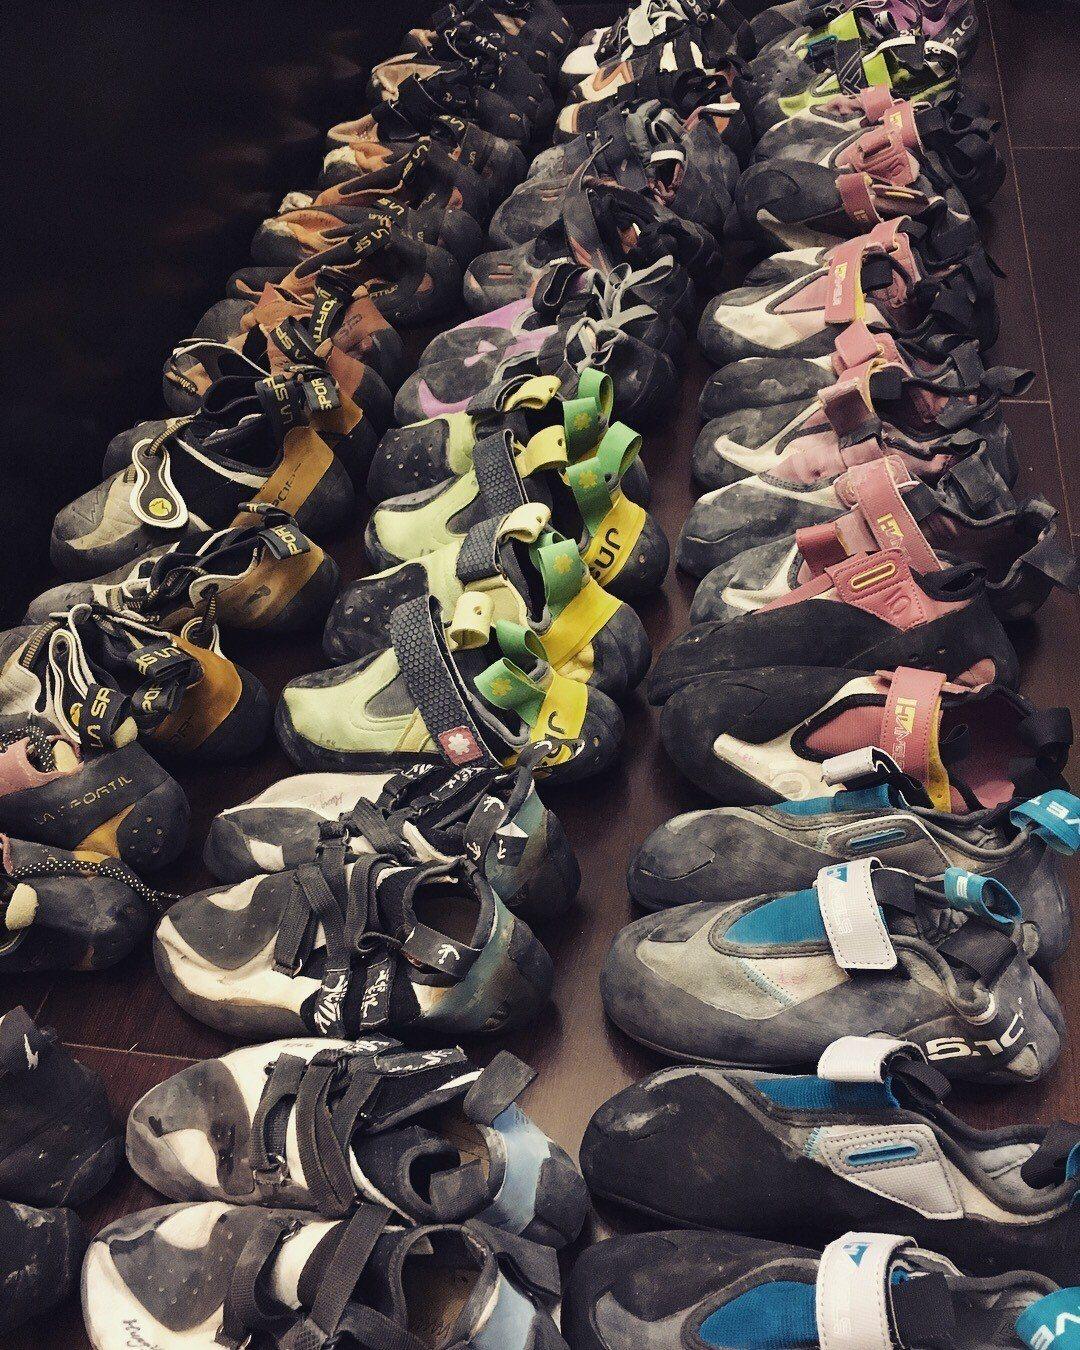 李虹瑩14年來穿過的攀岩鞋。 圖 / 李虹瑩提供